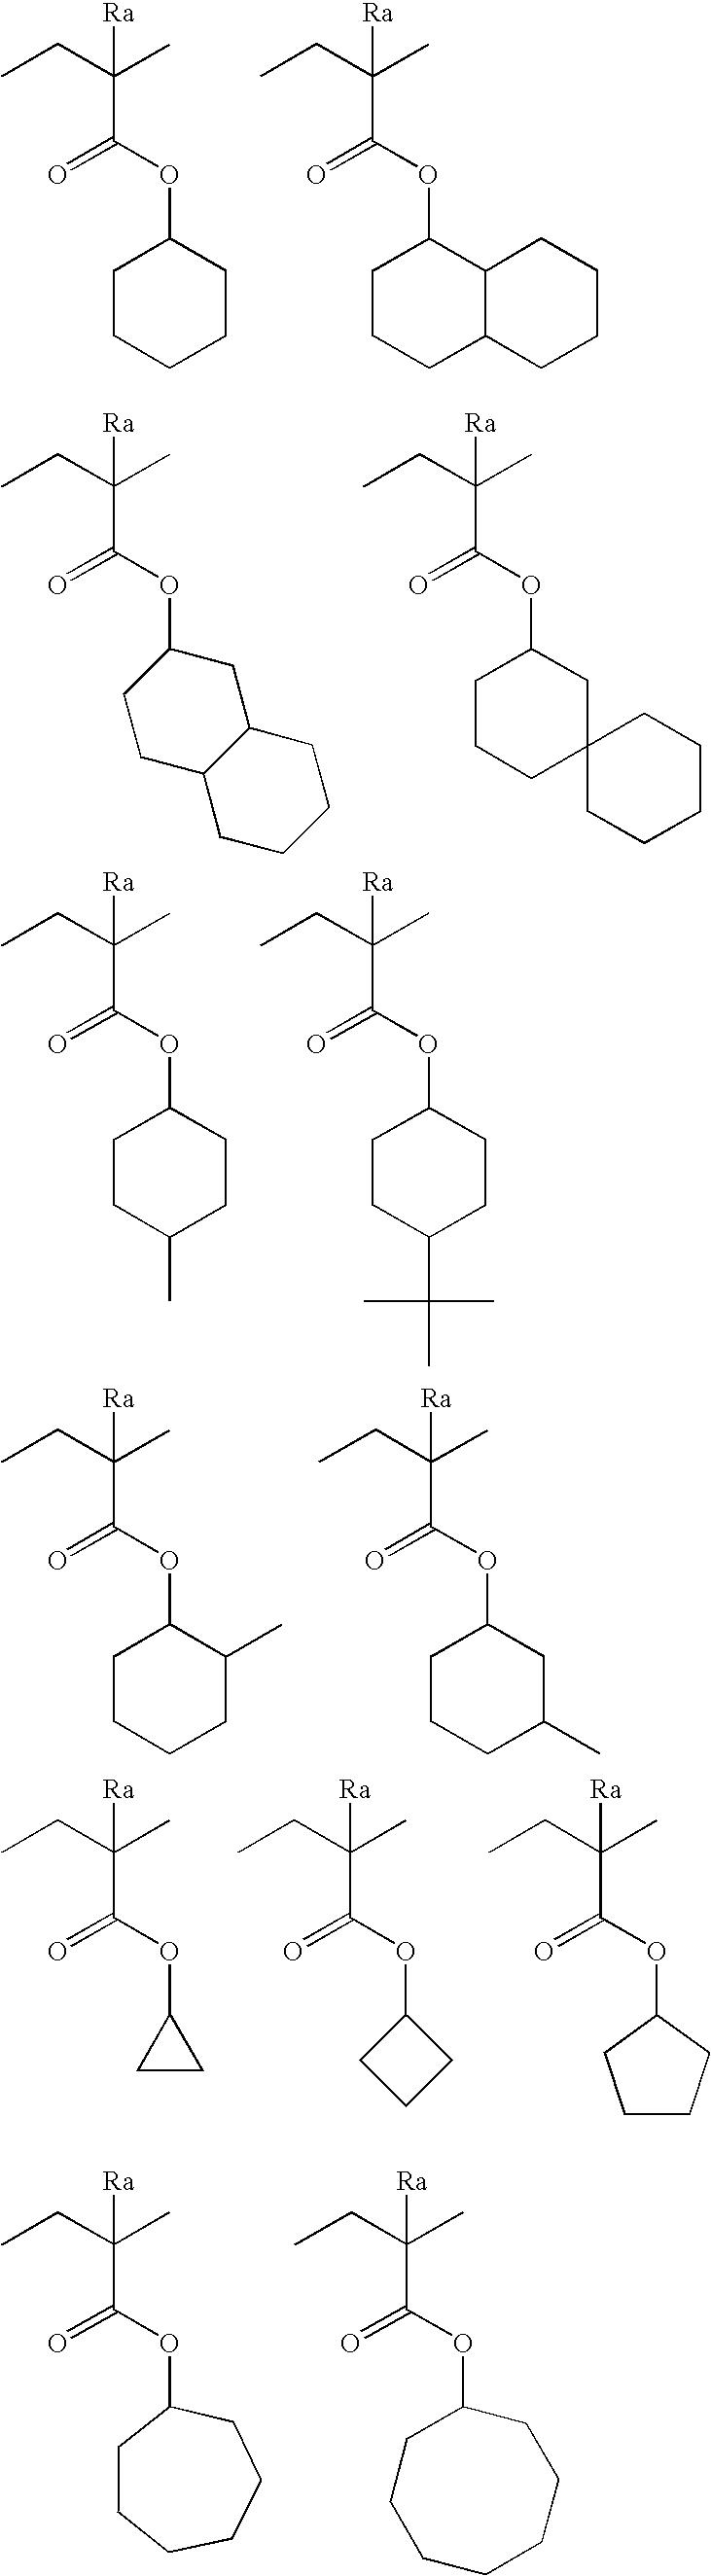 Figure US20100183975A1-20100722-C00143